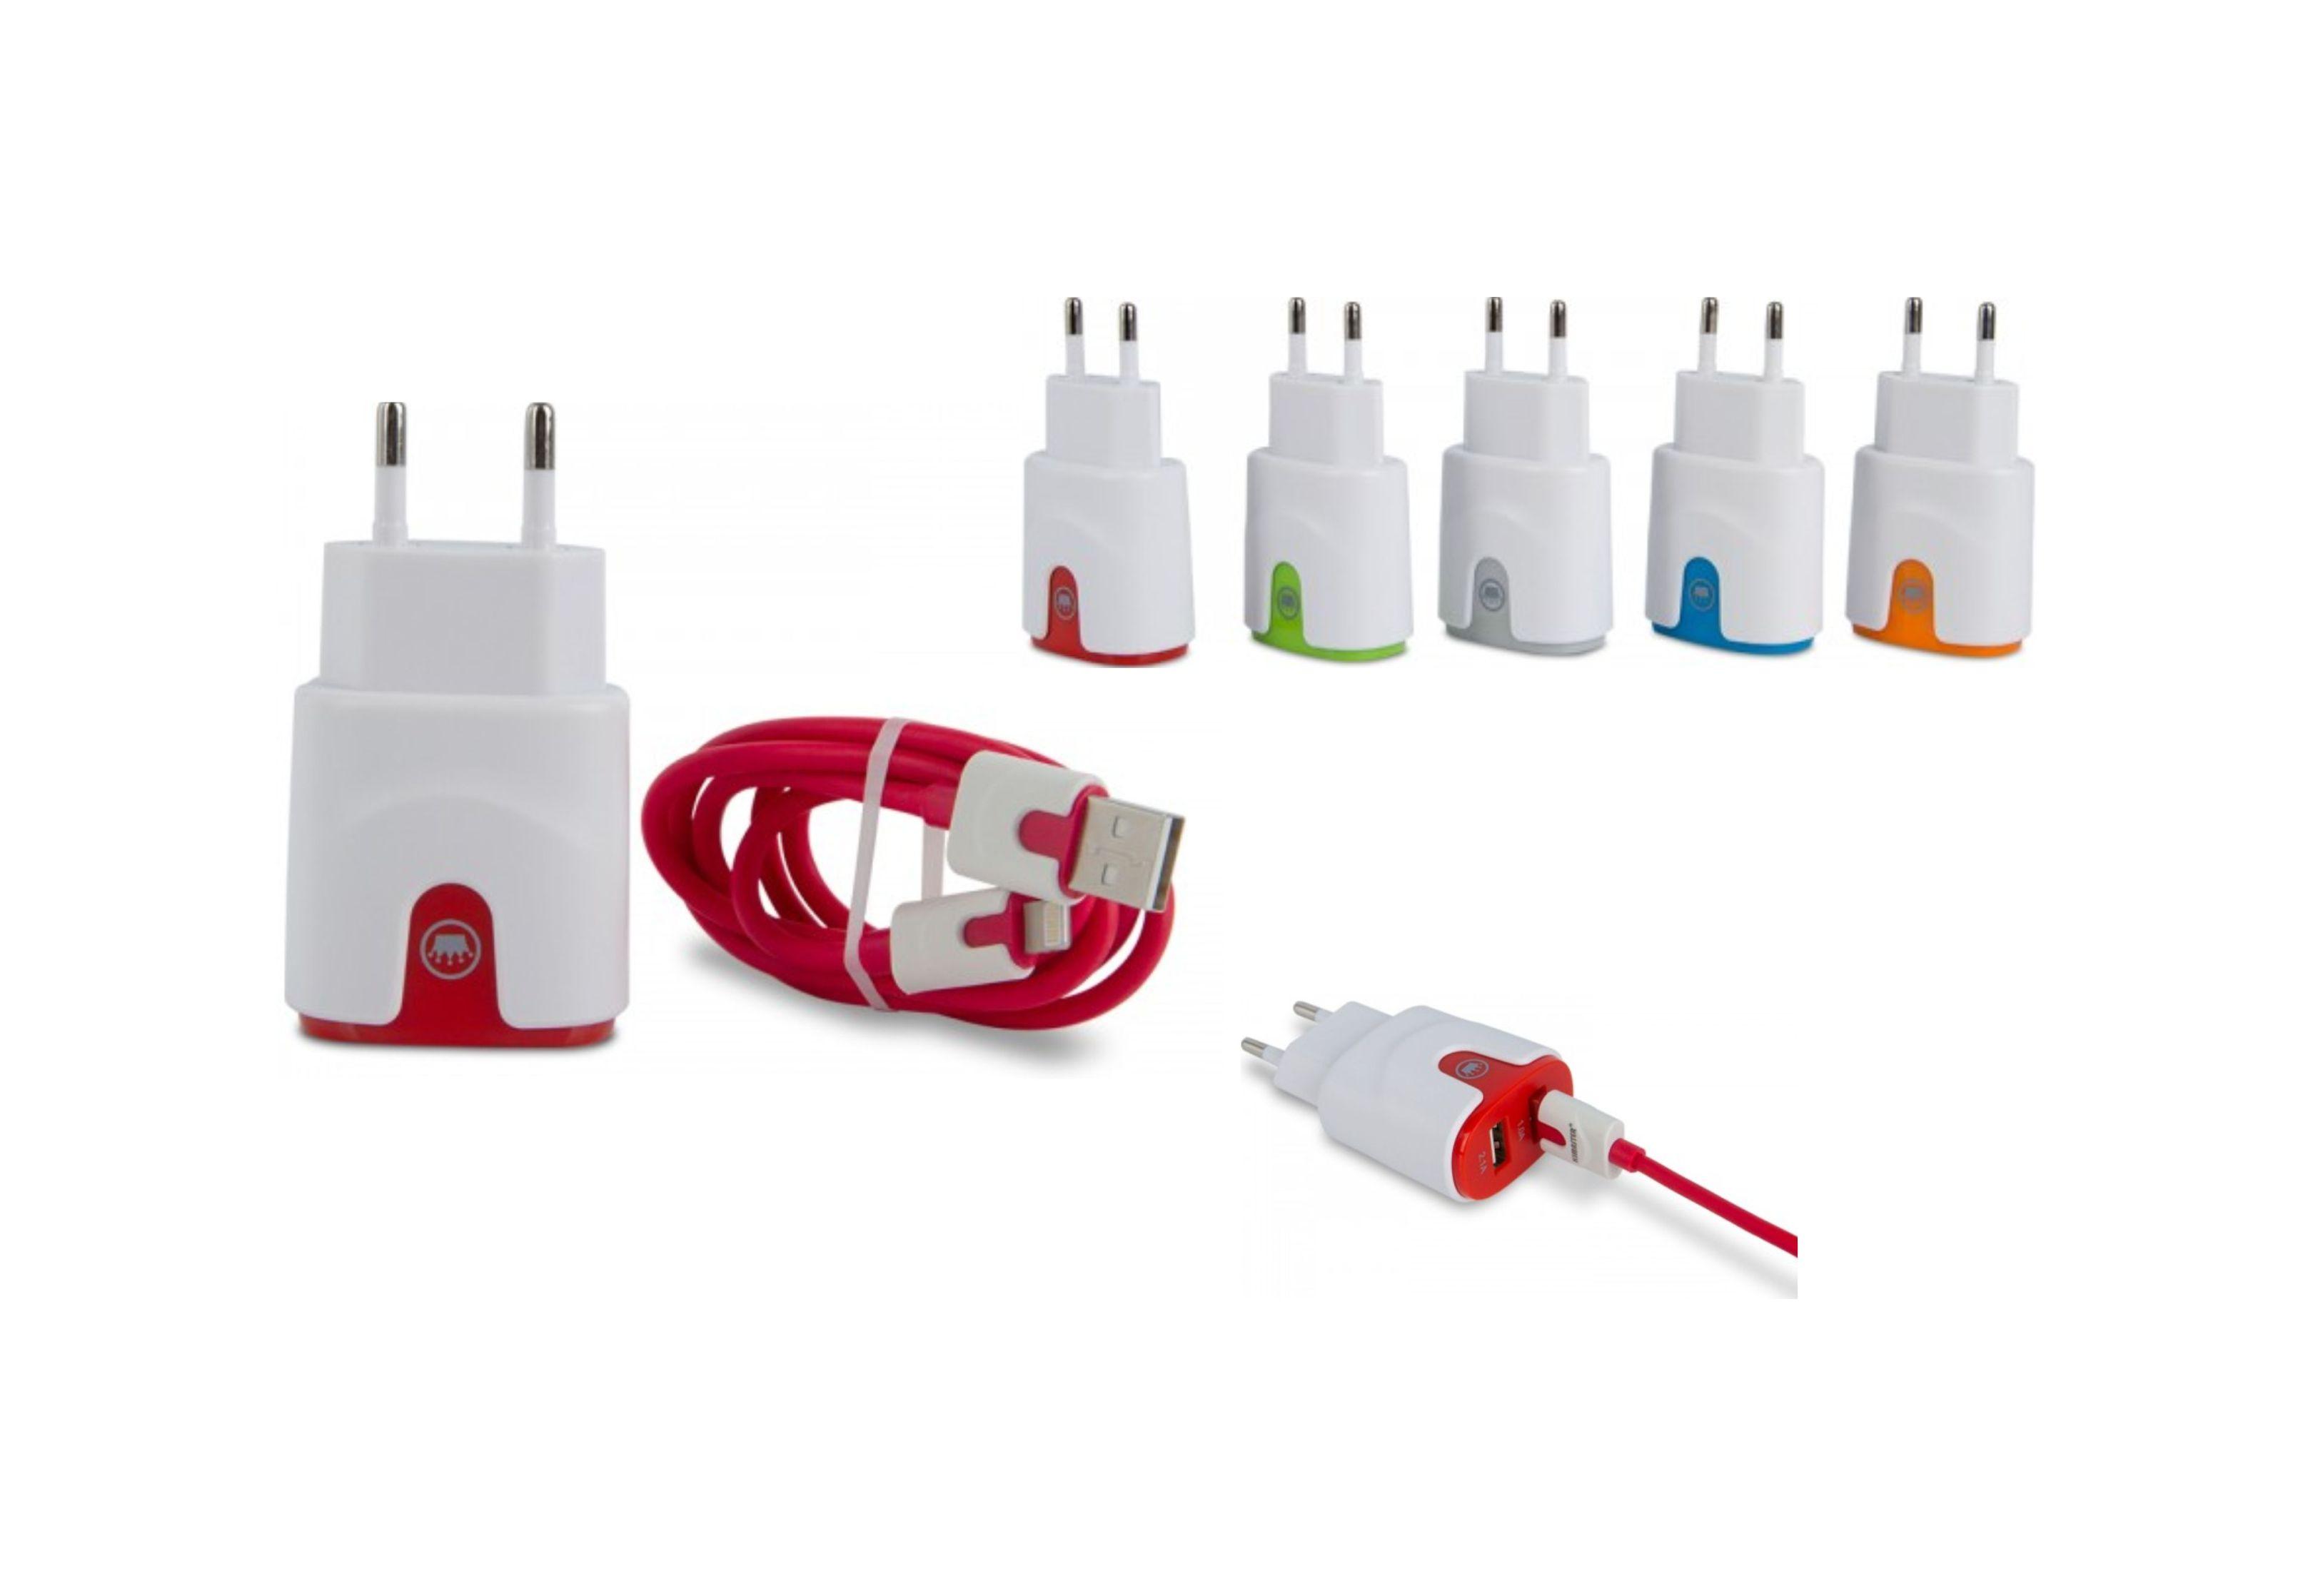 AB611LT – Kit carregador 2 USB – Para brindes